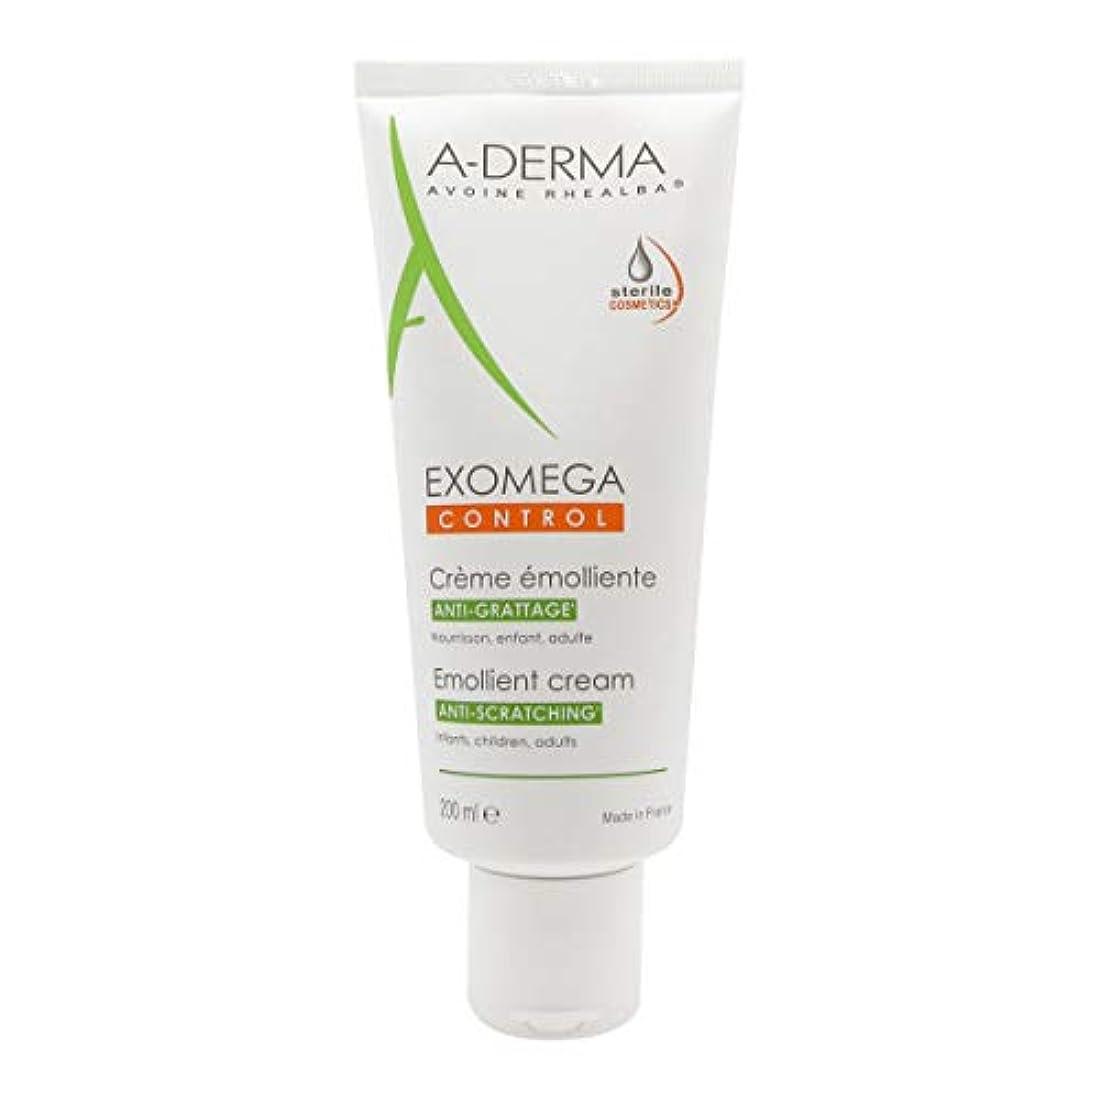 運河ファーム弱まるA-derma Exomega Control Emollient Cream 200ml [並行輸入品]